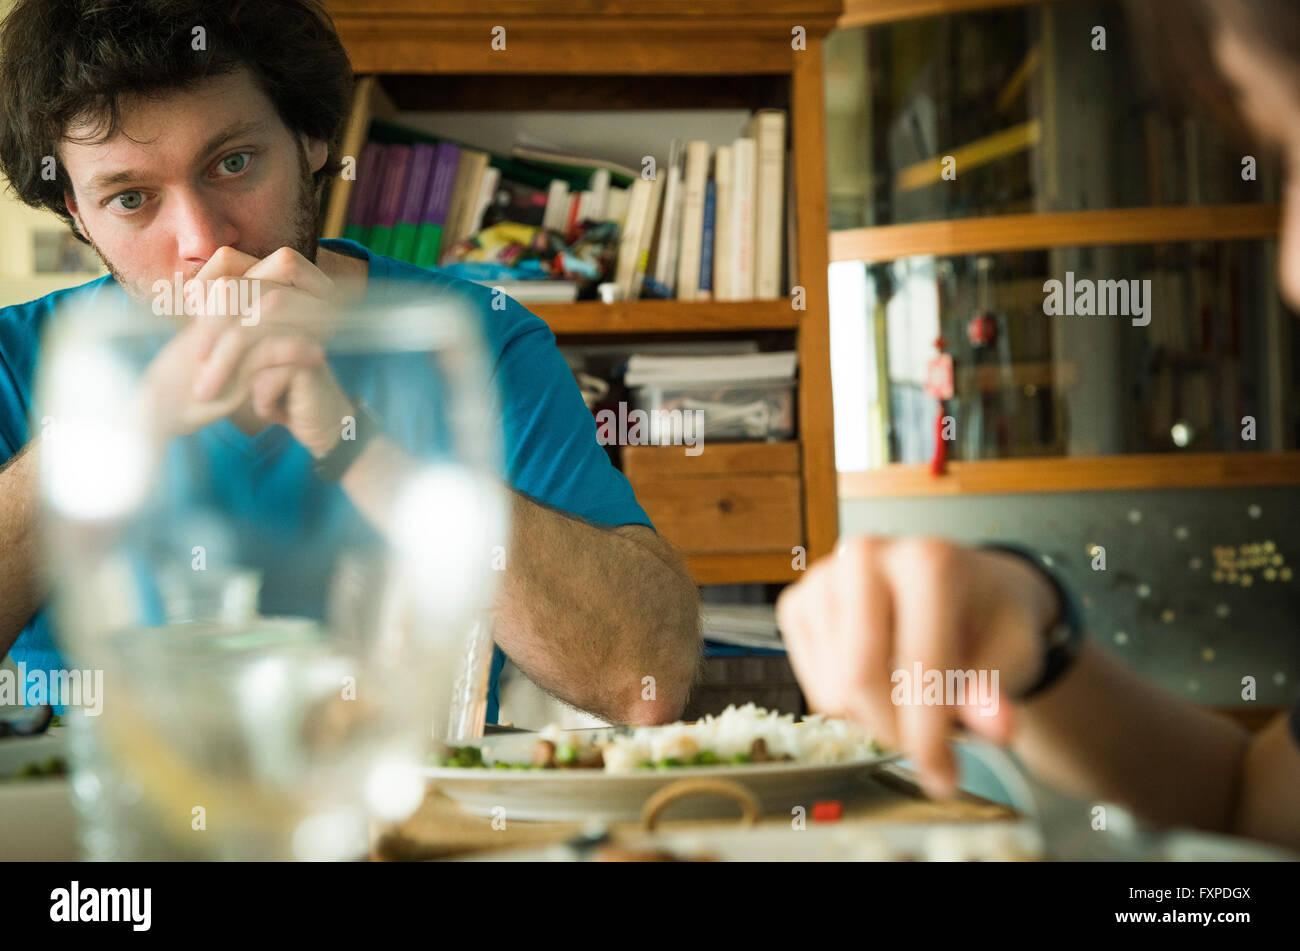 Hombre sentado en la mesa con las manos entrelazadas delante de su boca Imagen De Stock